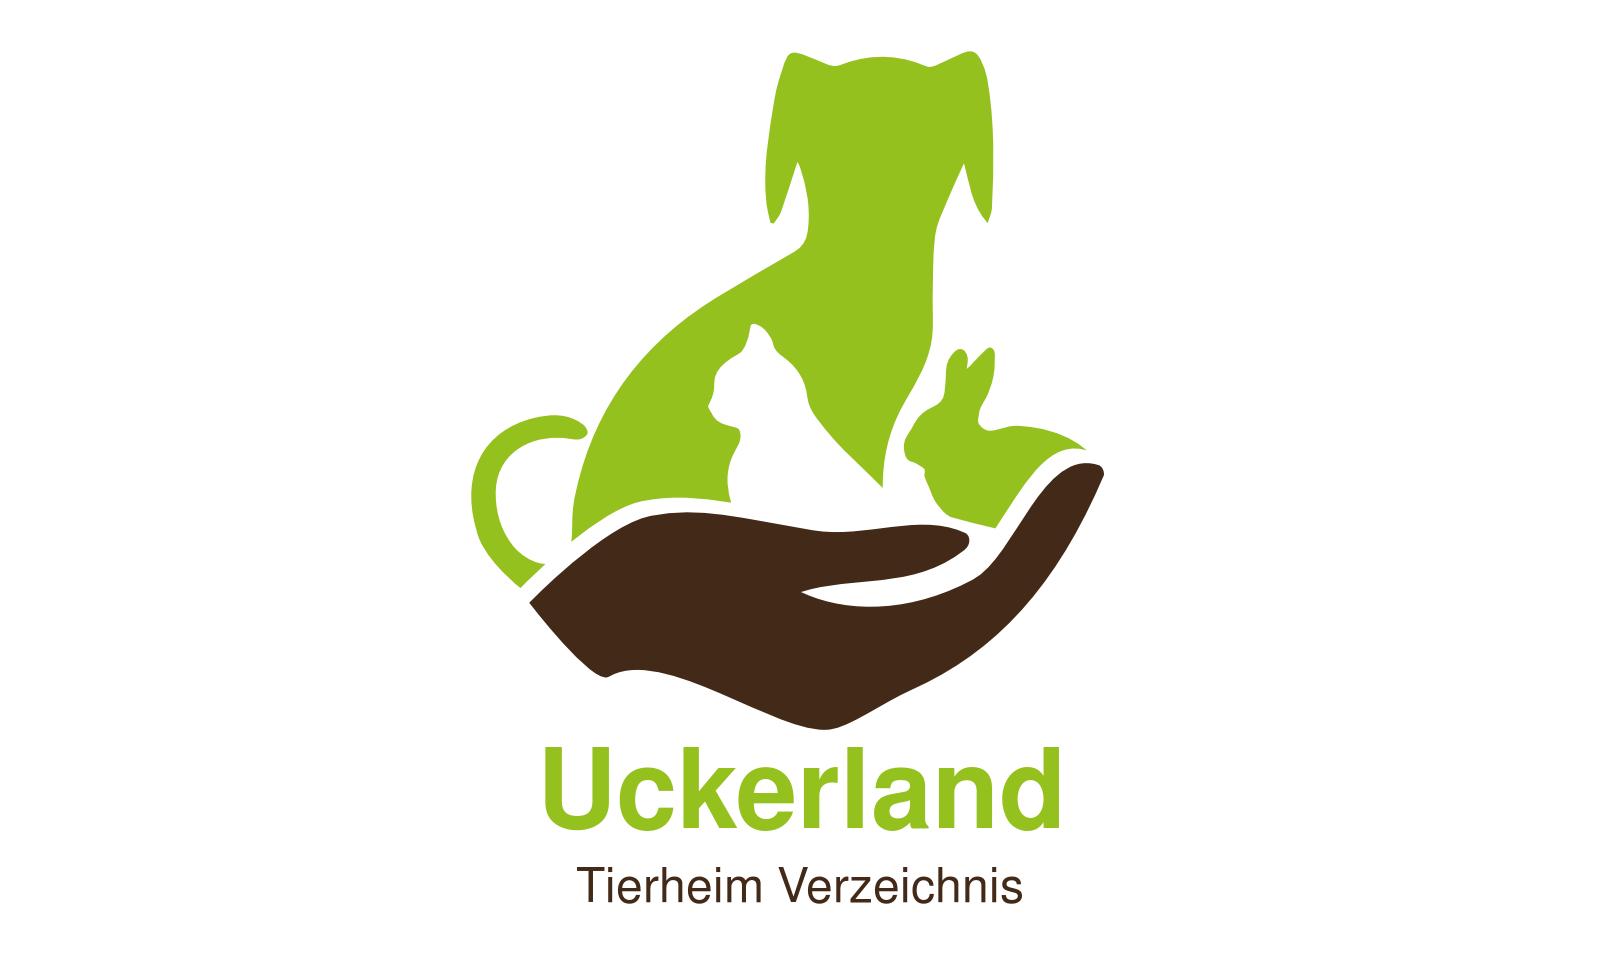 Tierheim Uckerland